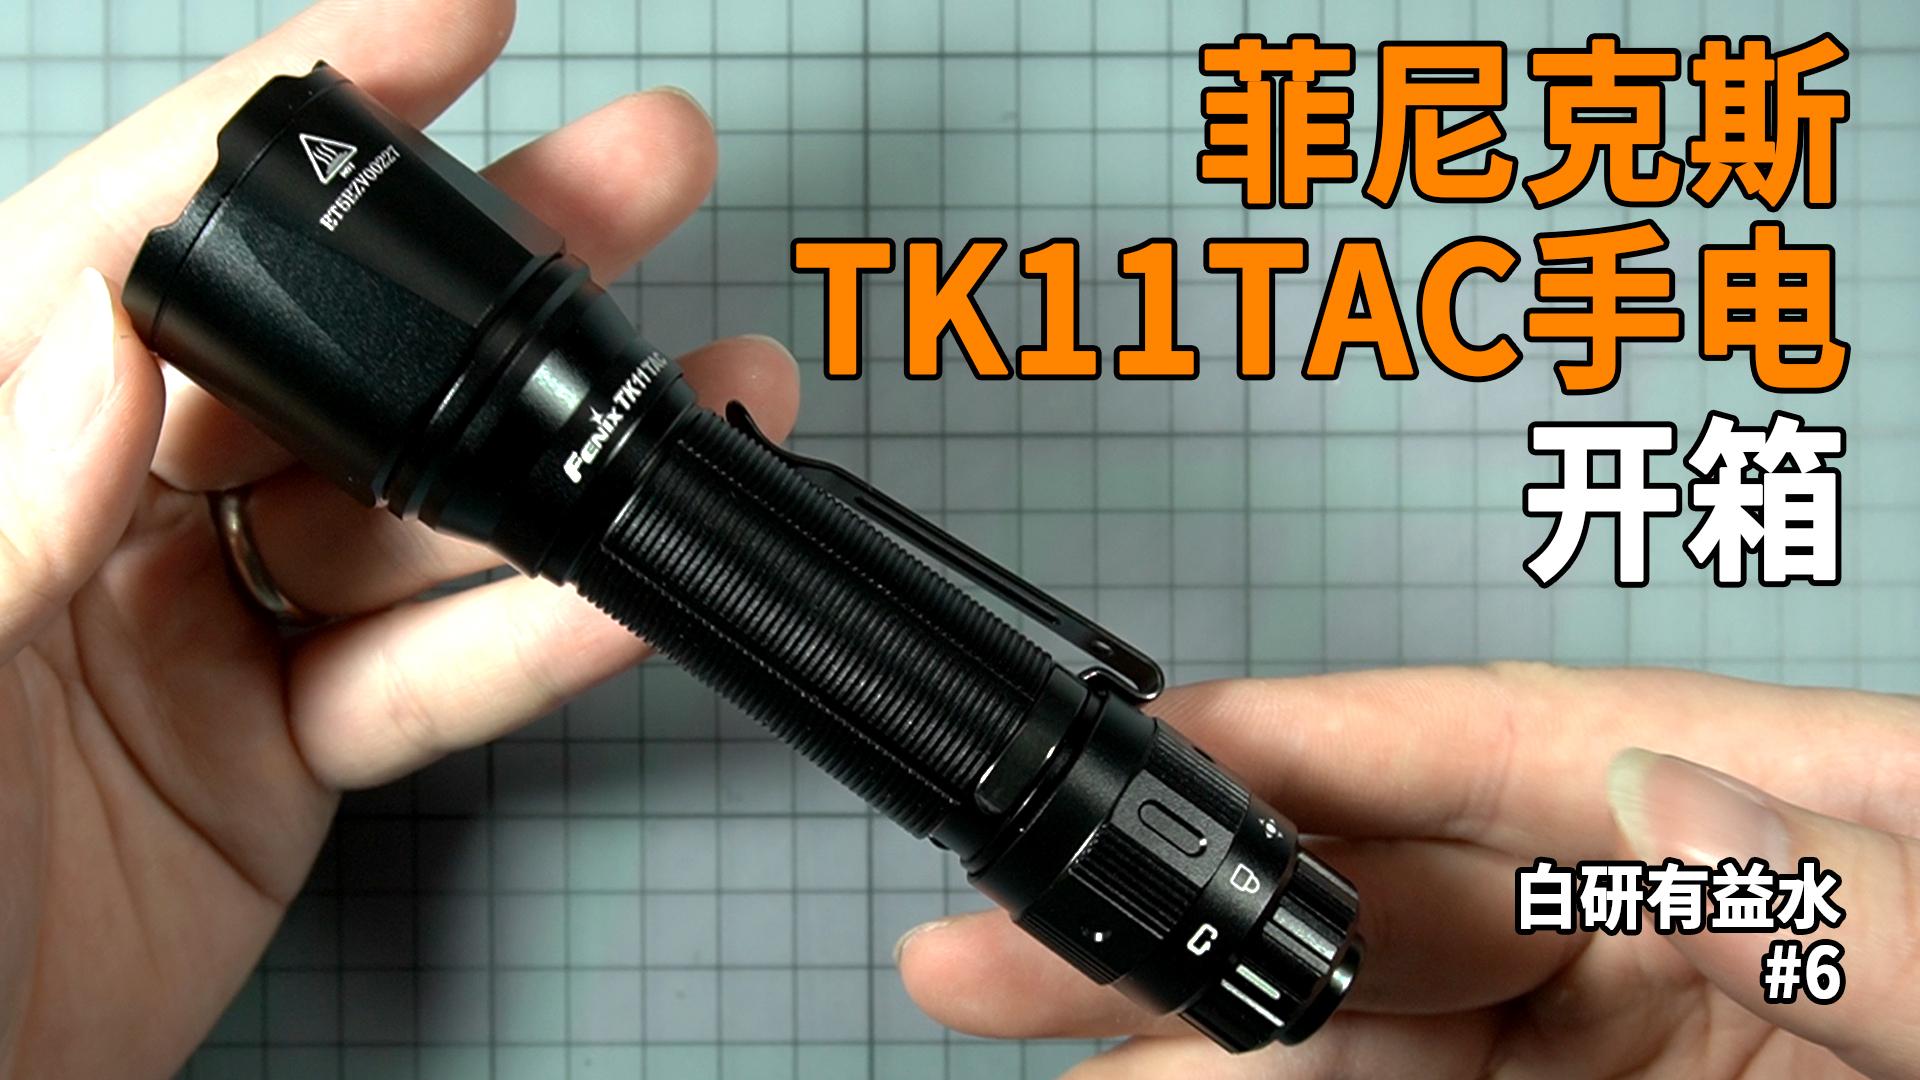 【白研有益水#6】Fenix TK11TAC 战术手电开箱(水弹视频)